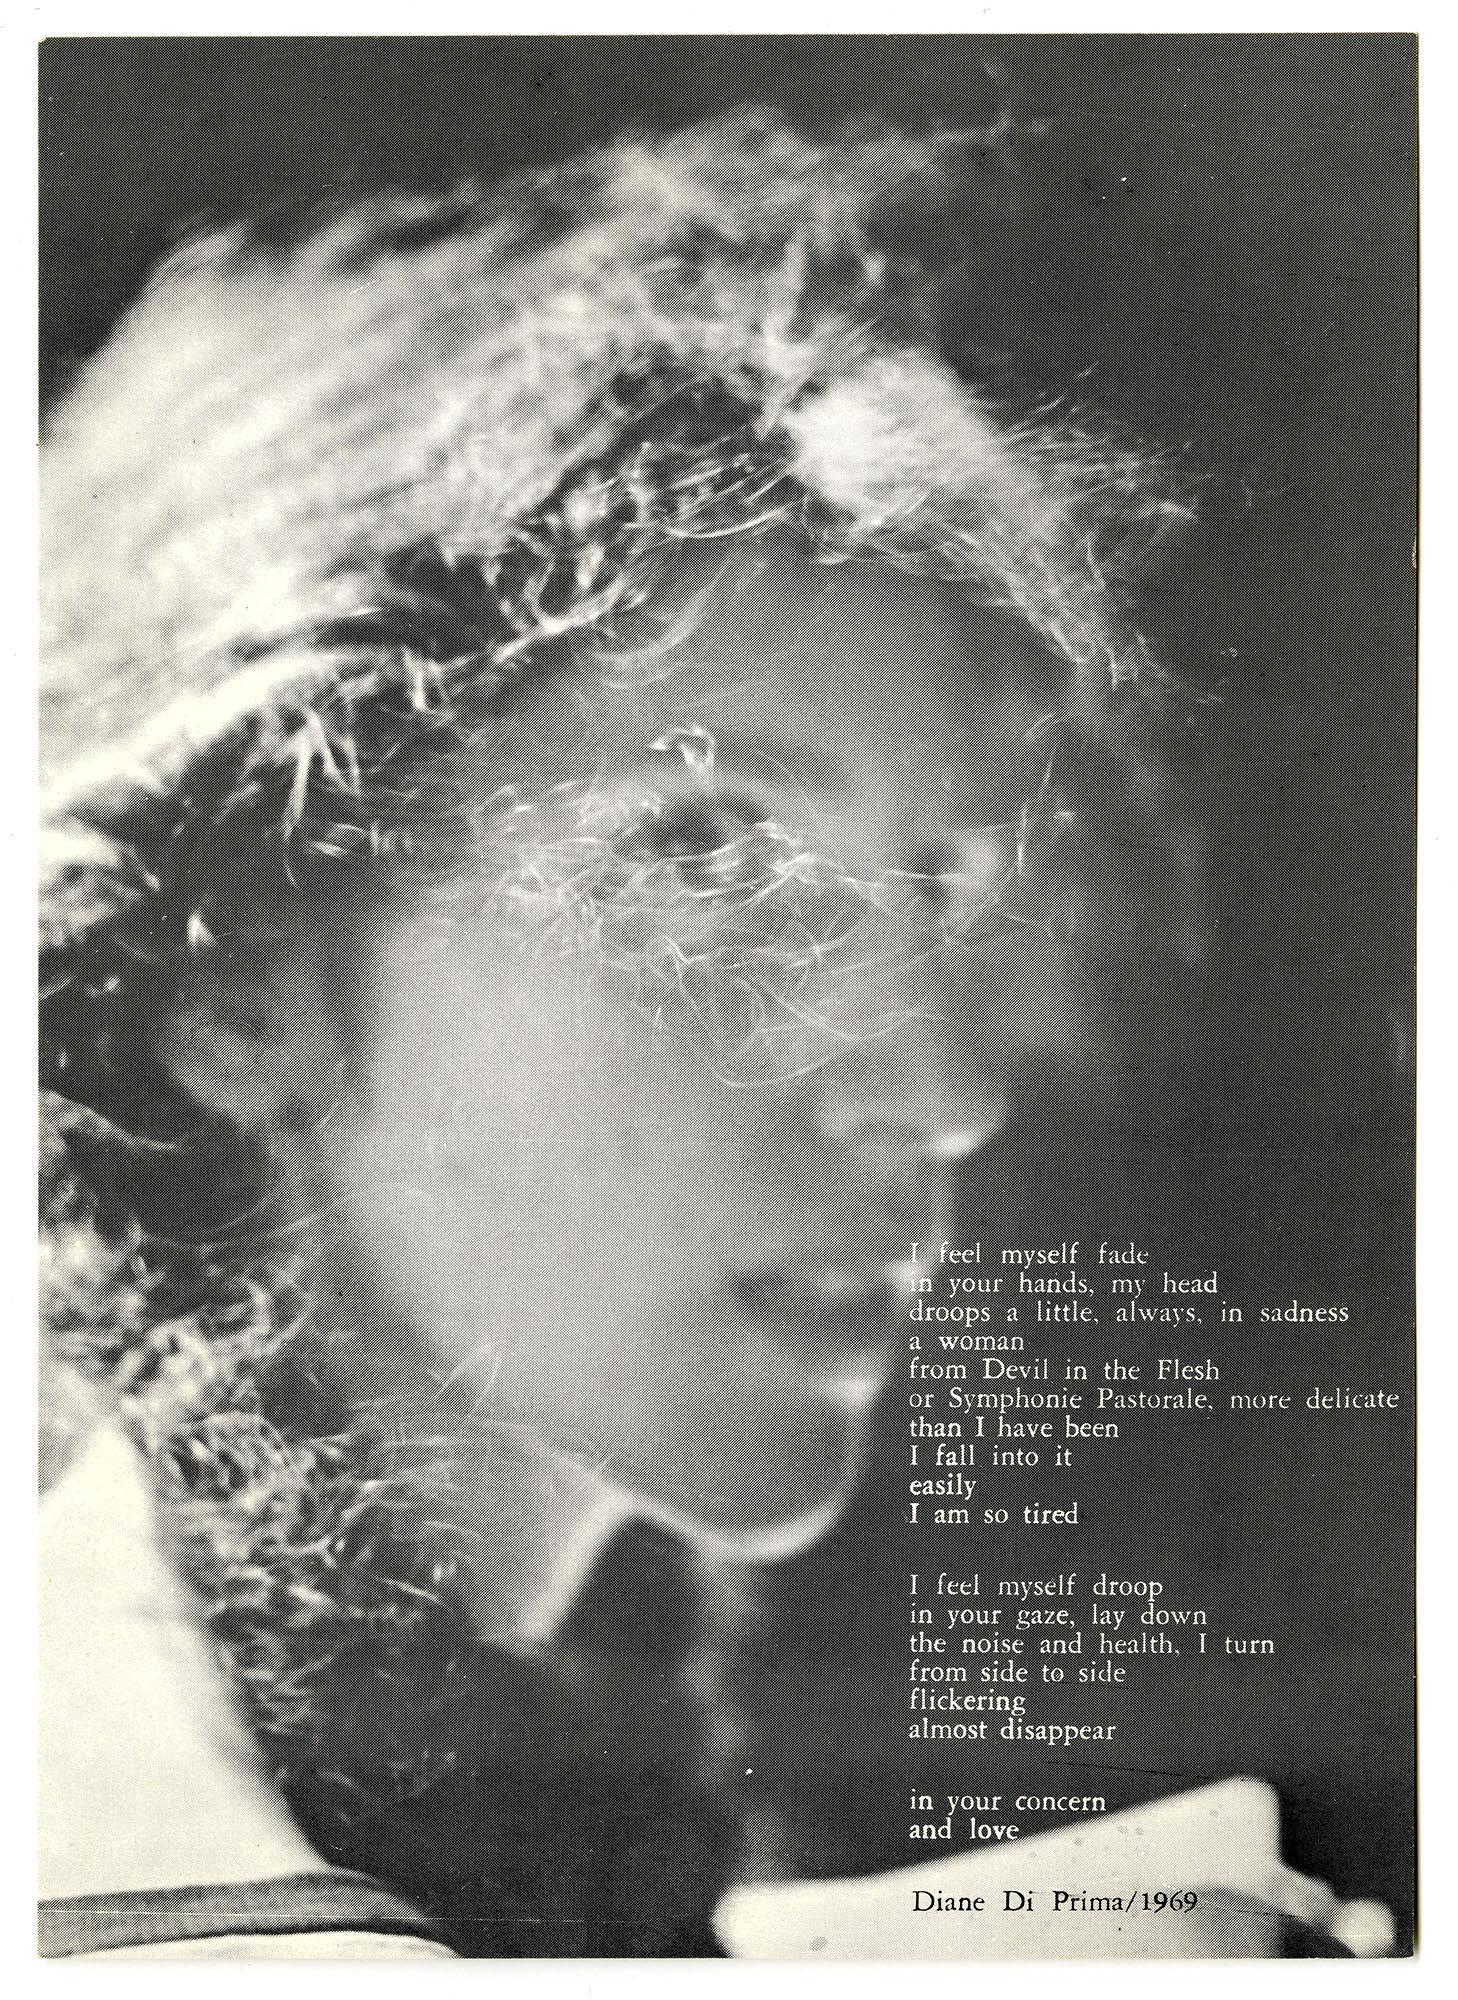 Diane di Prima, I Feel Myself Fade, 1969